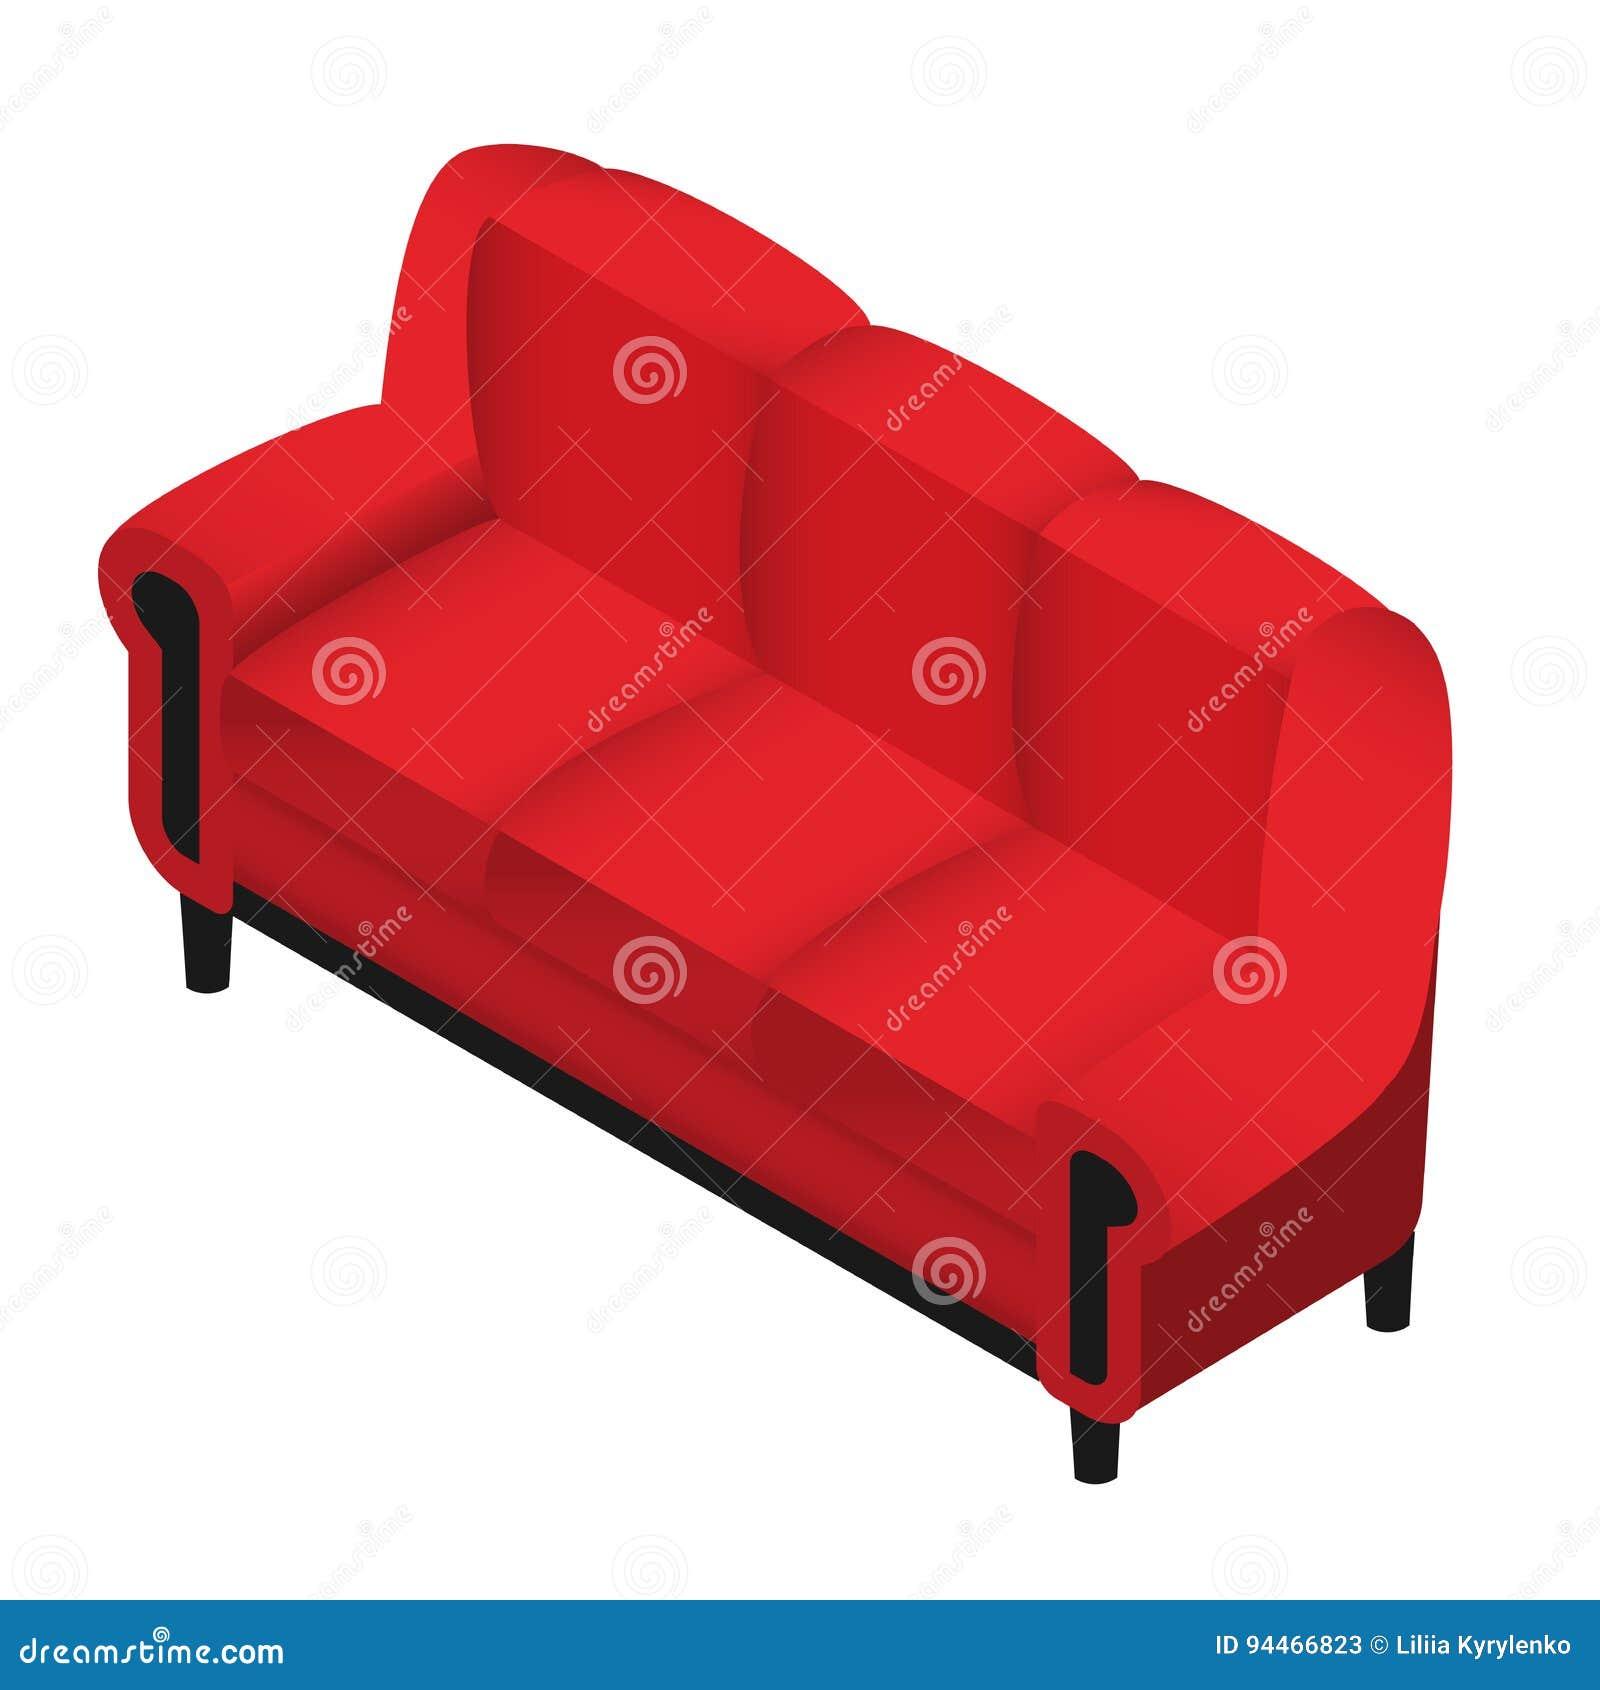 Modisches Isometrisches Rotes Sofa Des Vektors Möbel 3d Für Haus